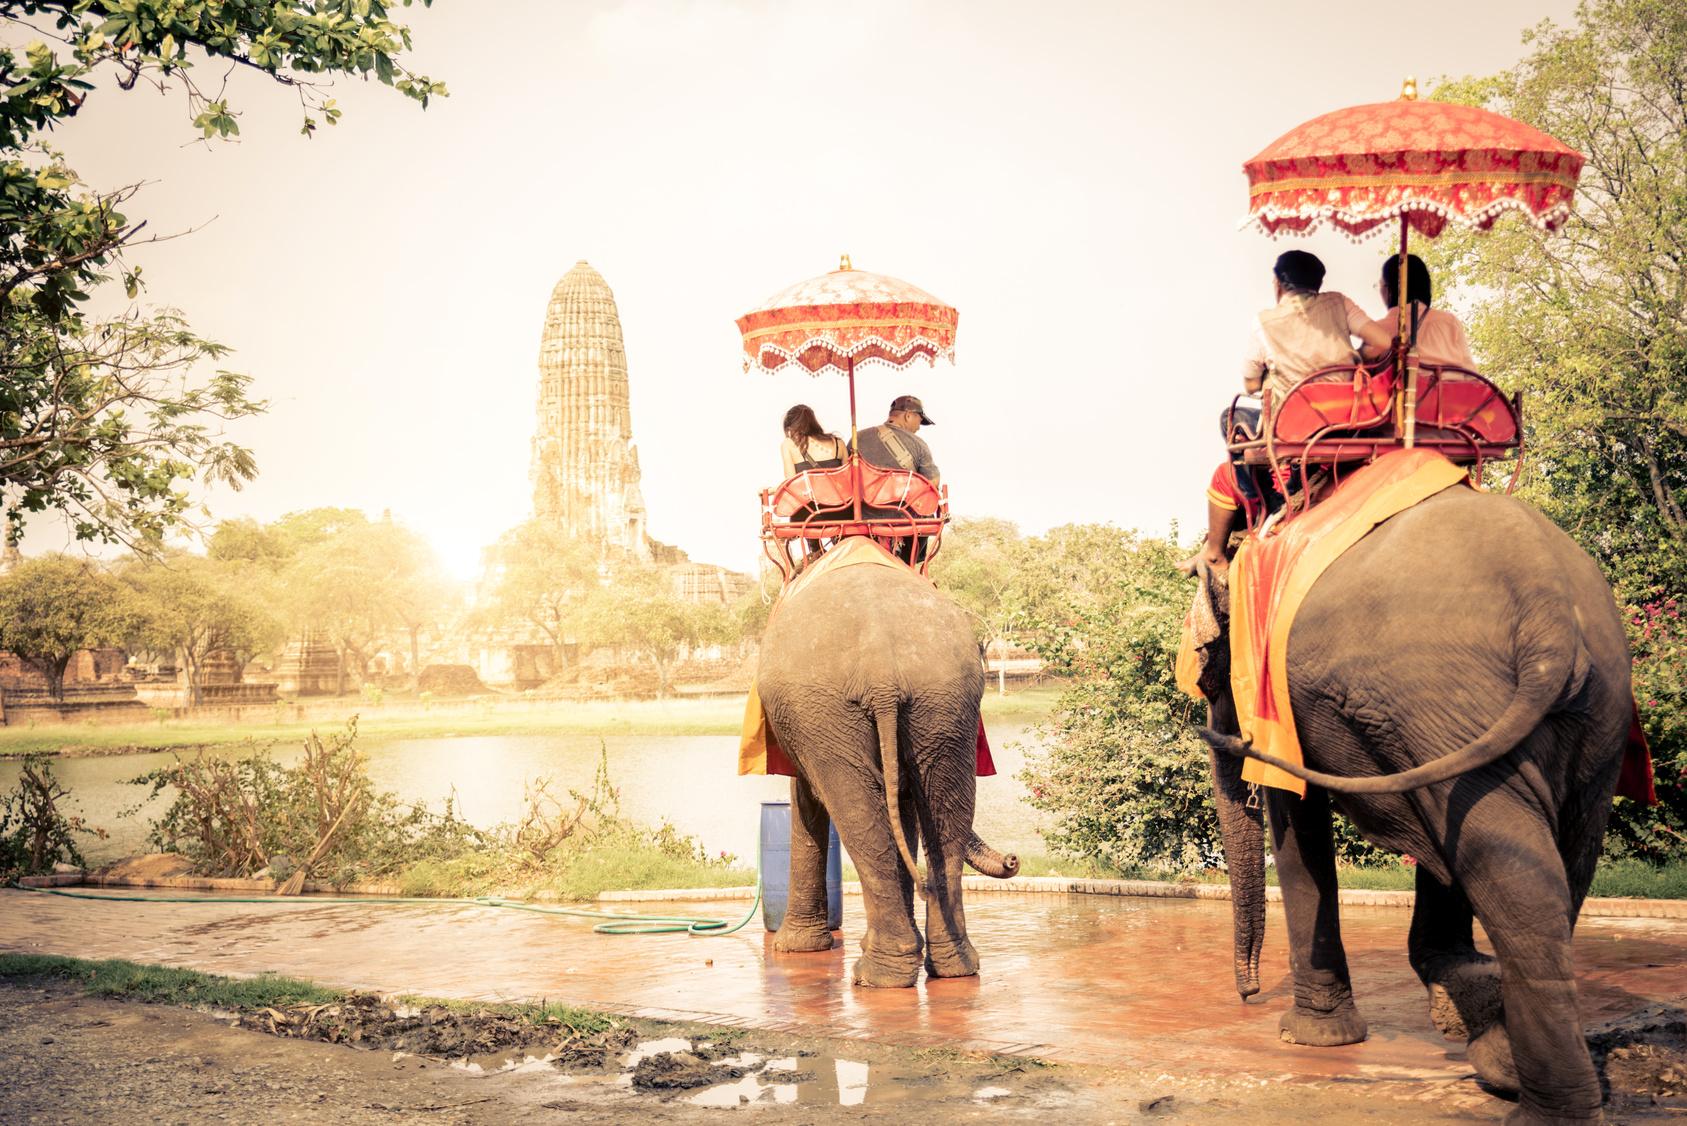 Bei einer geplanten Reise nach Thailand rentiert sich eine Reiserücktrittskostenversicherung. (#01)